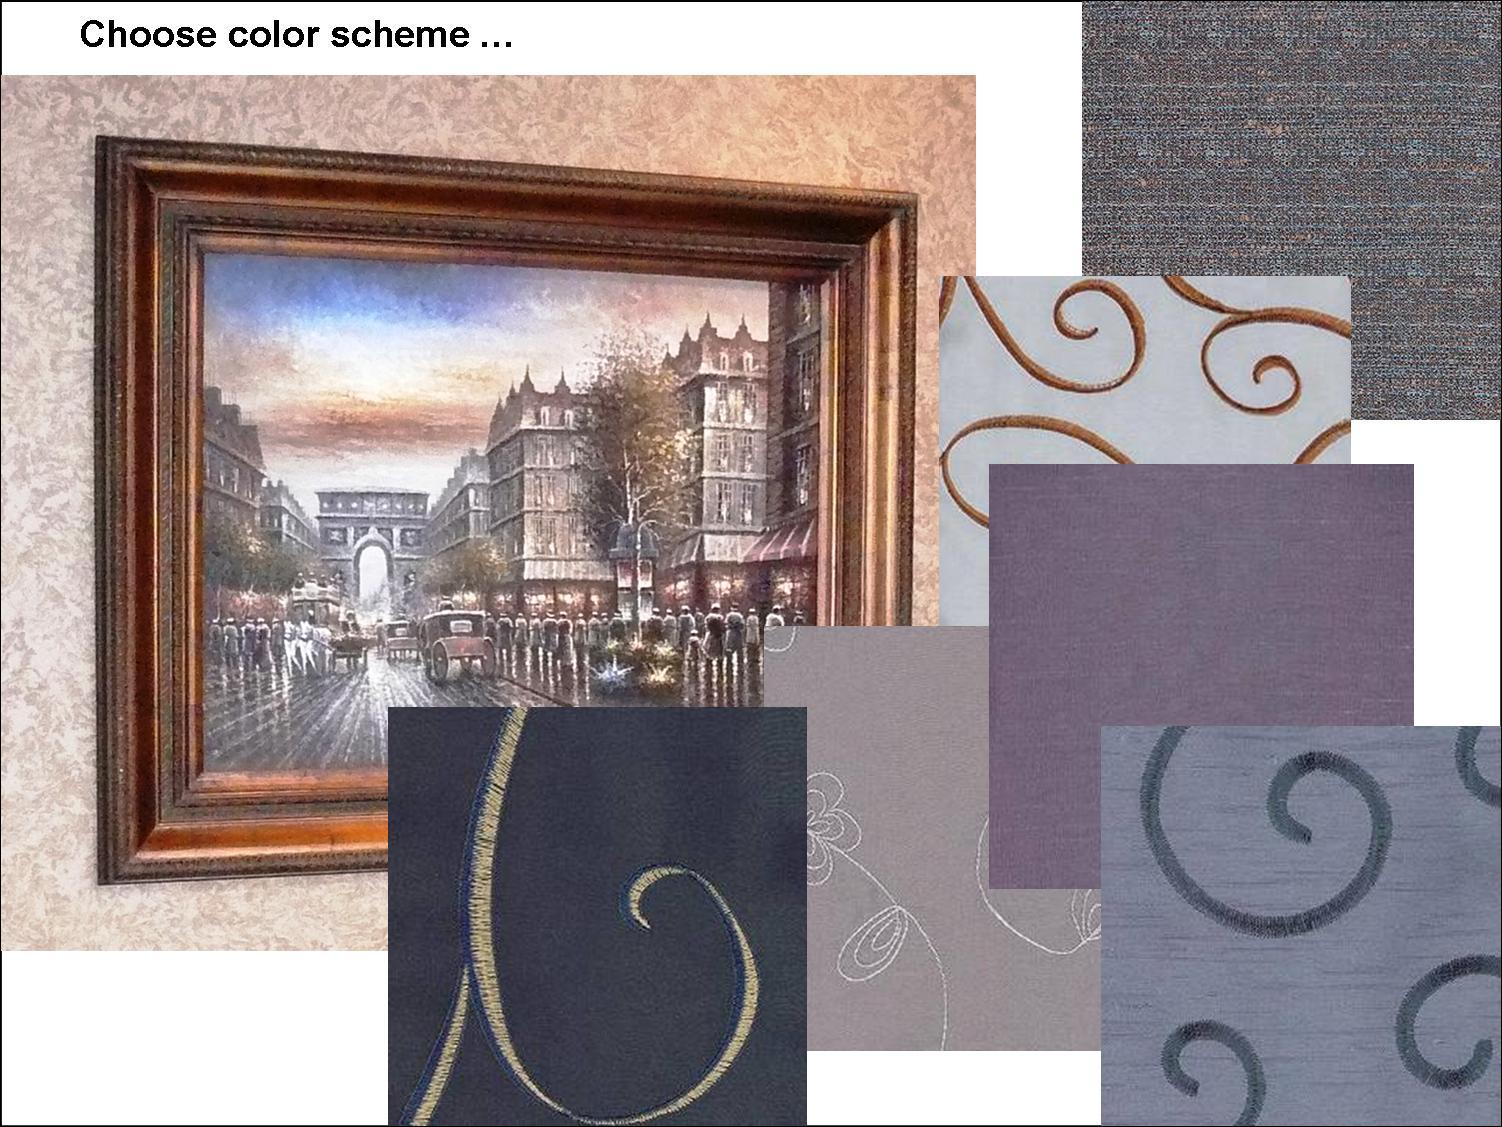 Home interior design picture_16 - The